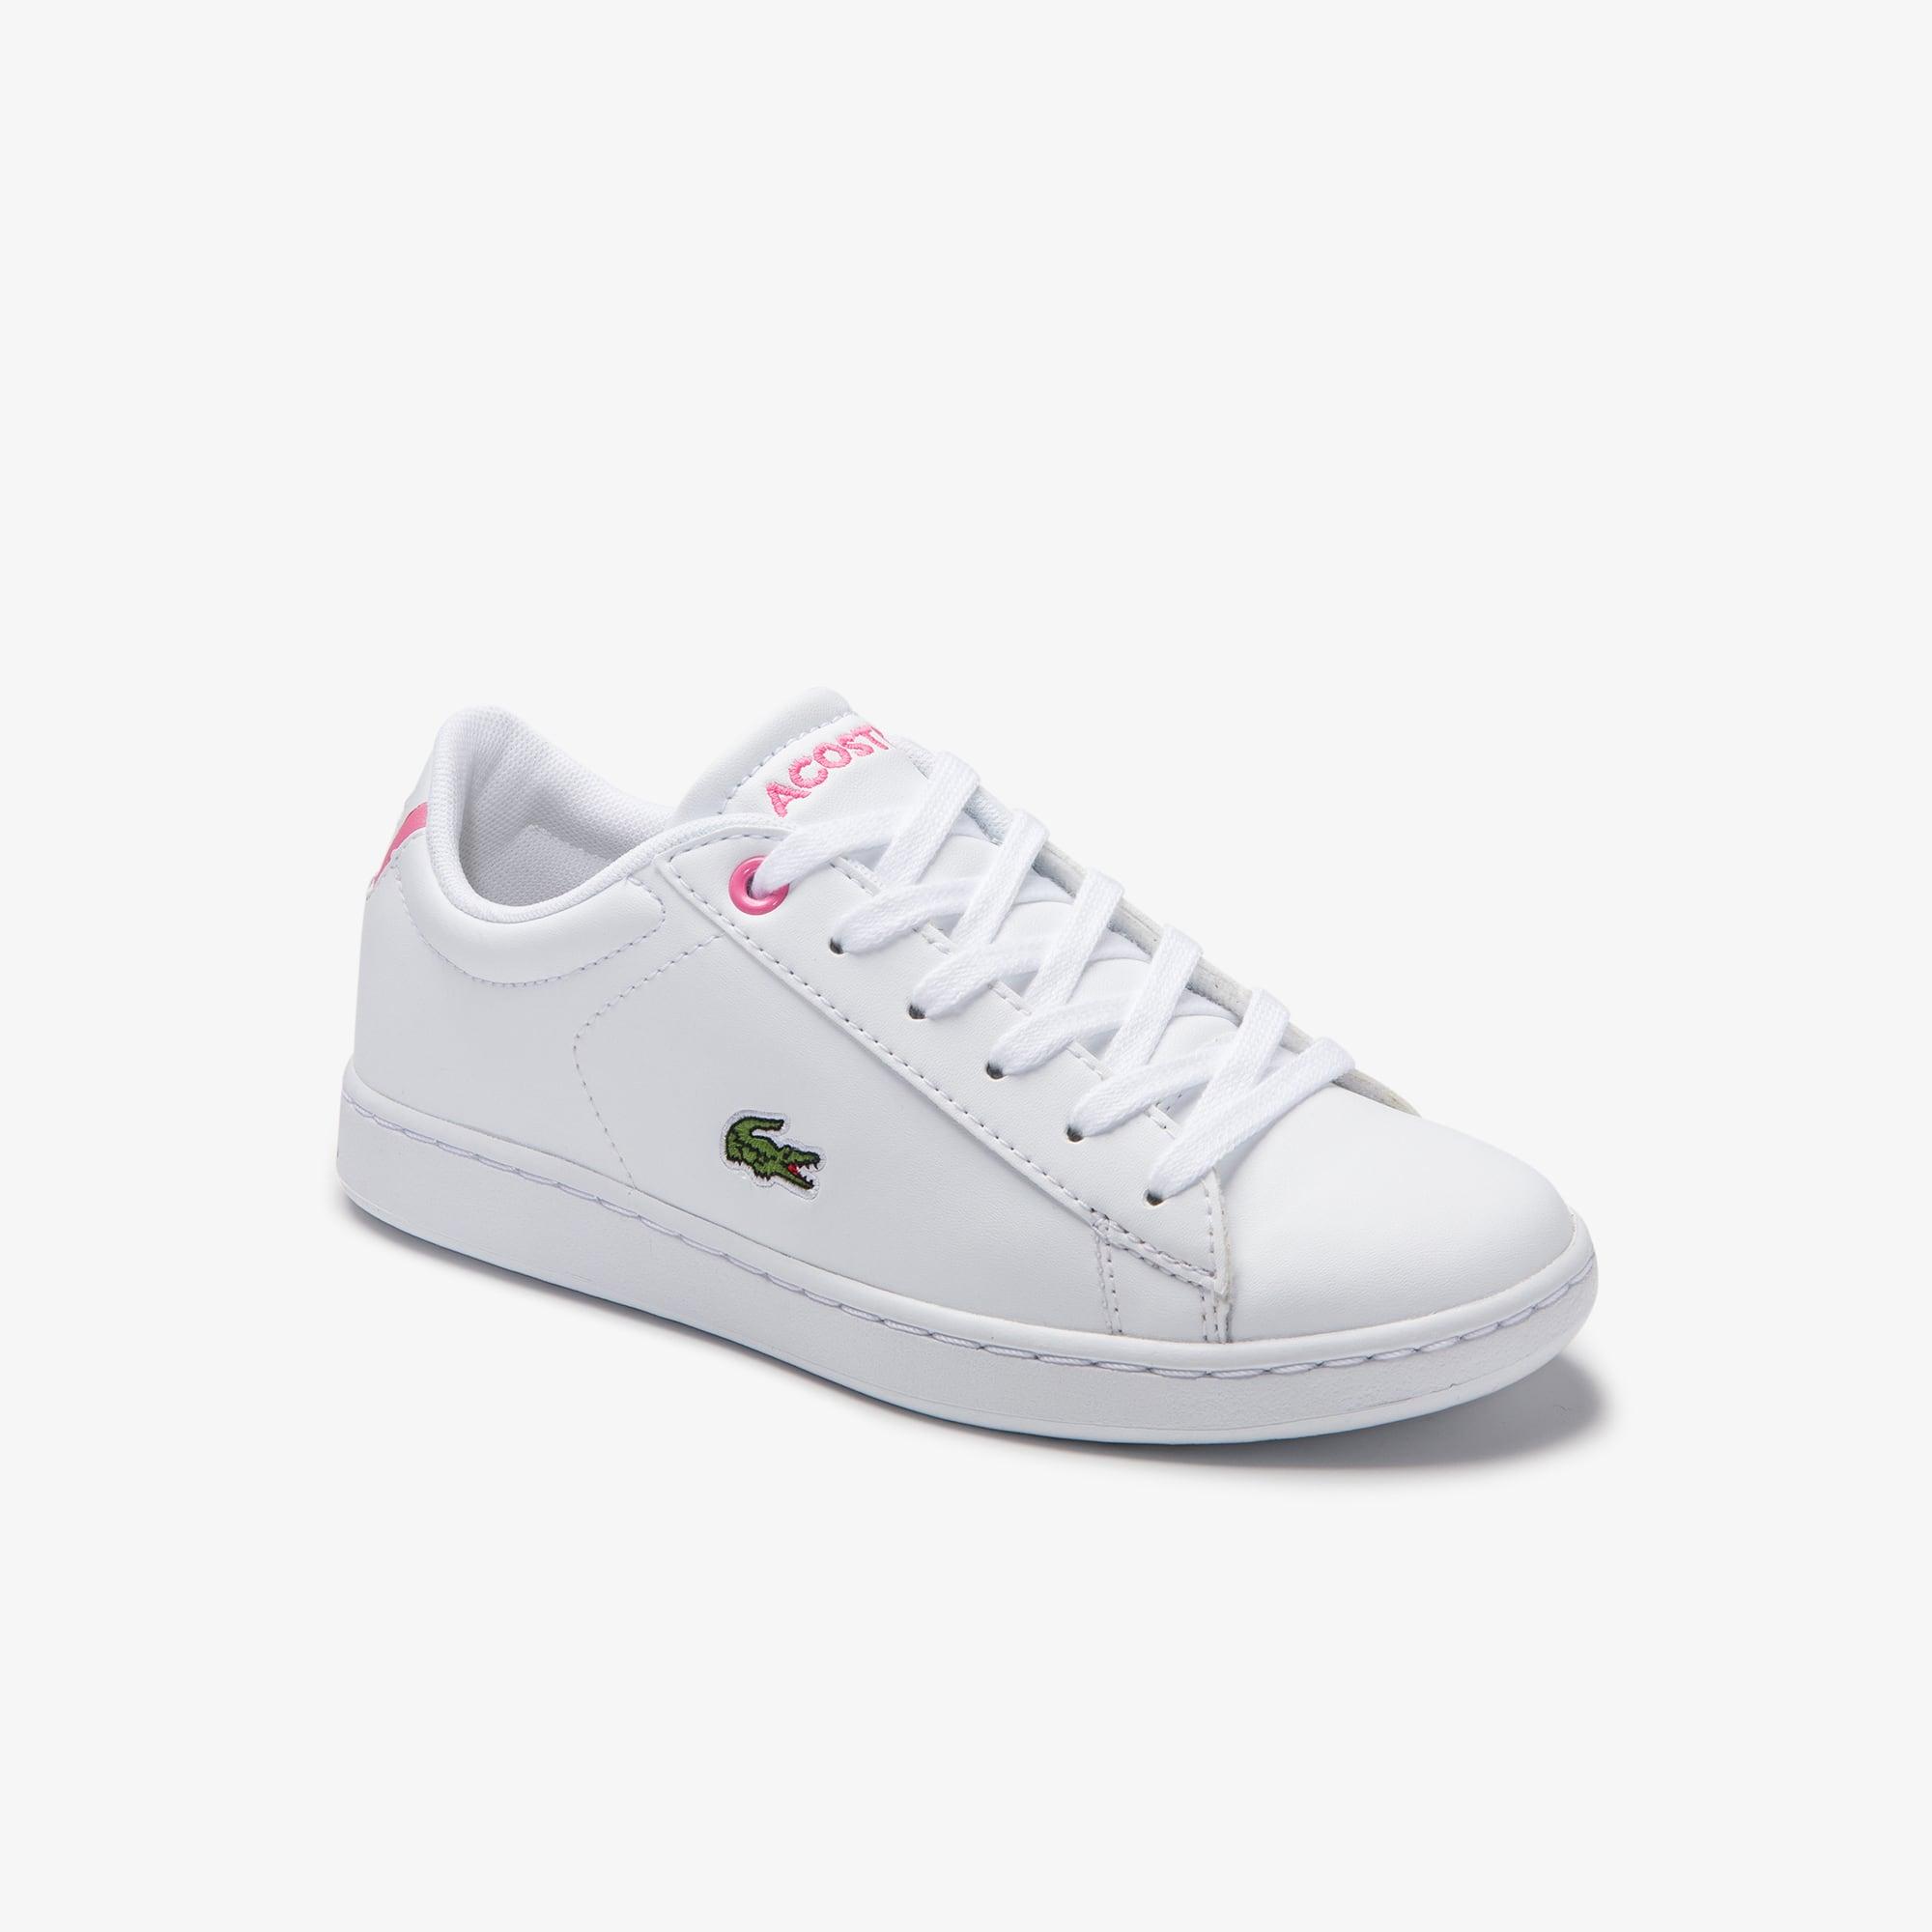 라코스테 Lacoste Childrens Carnaby Evo Synthetic Sneakers,WHITE/PINK • B53